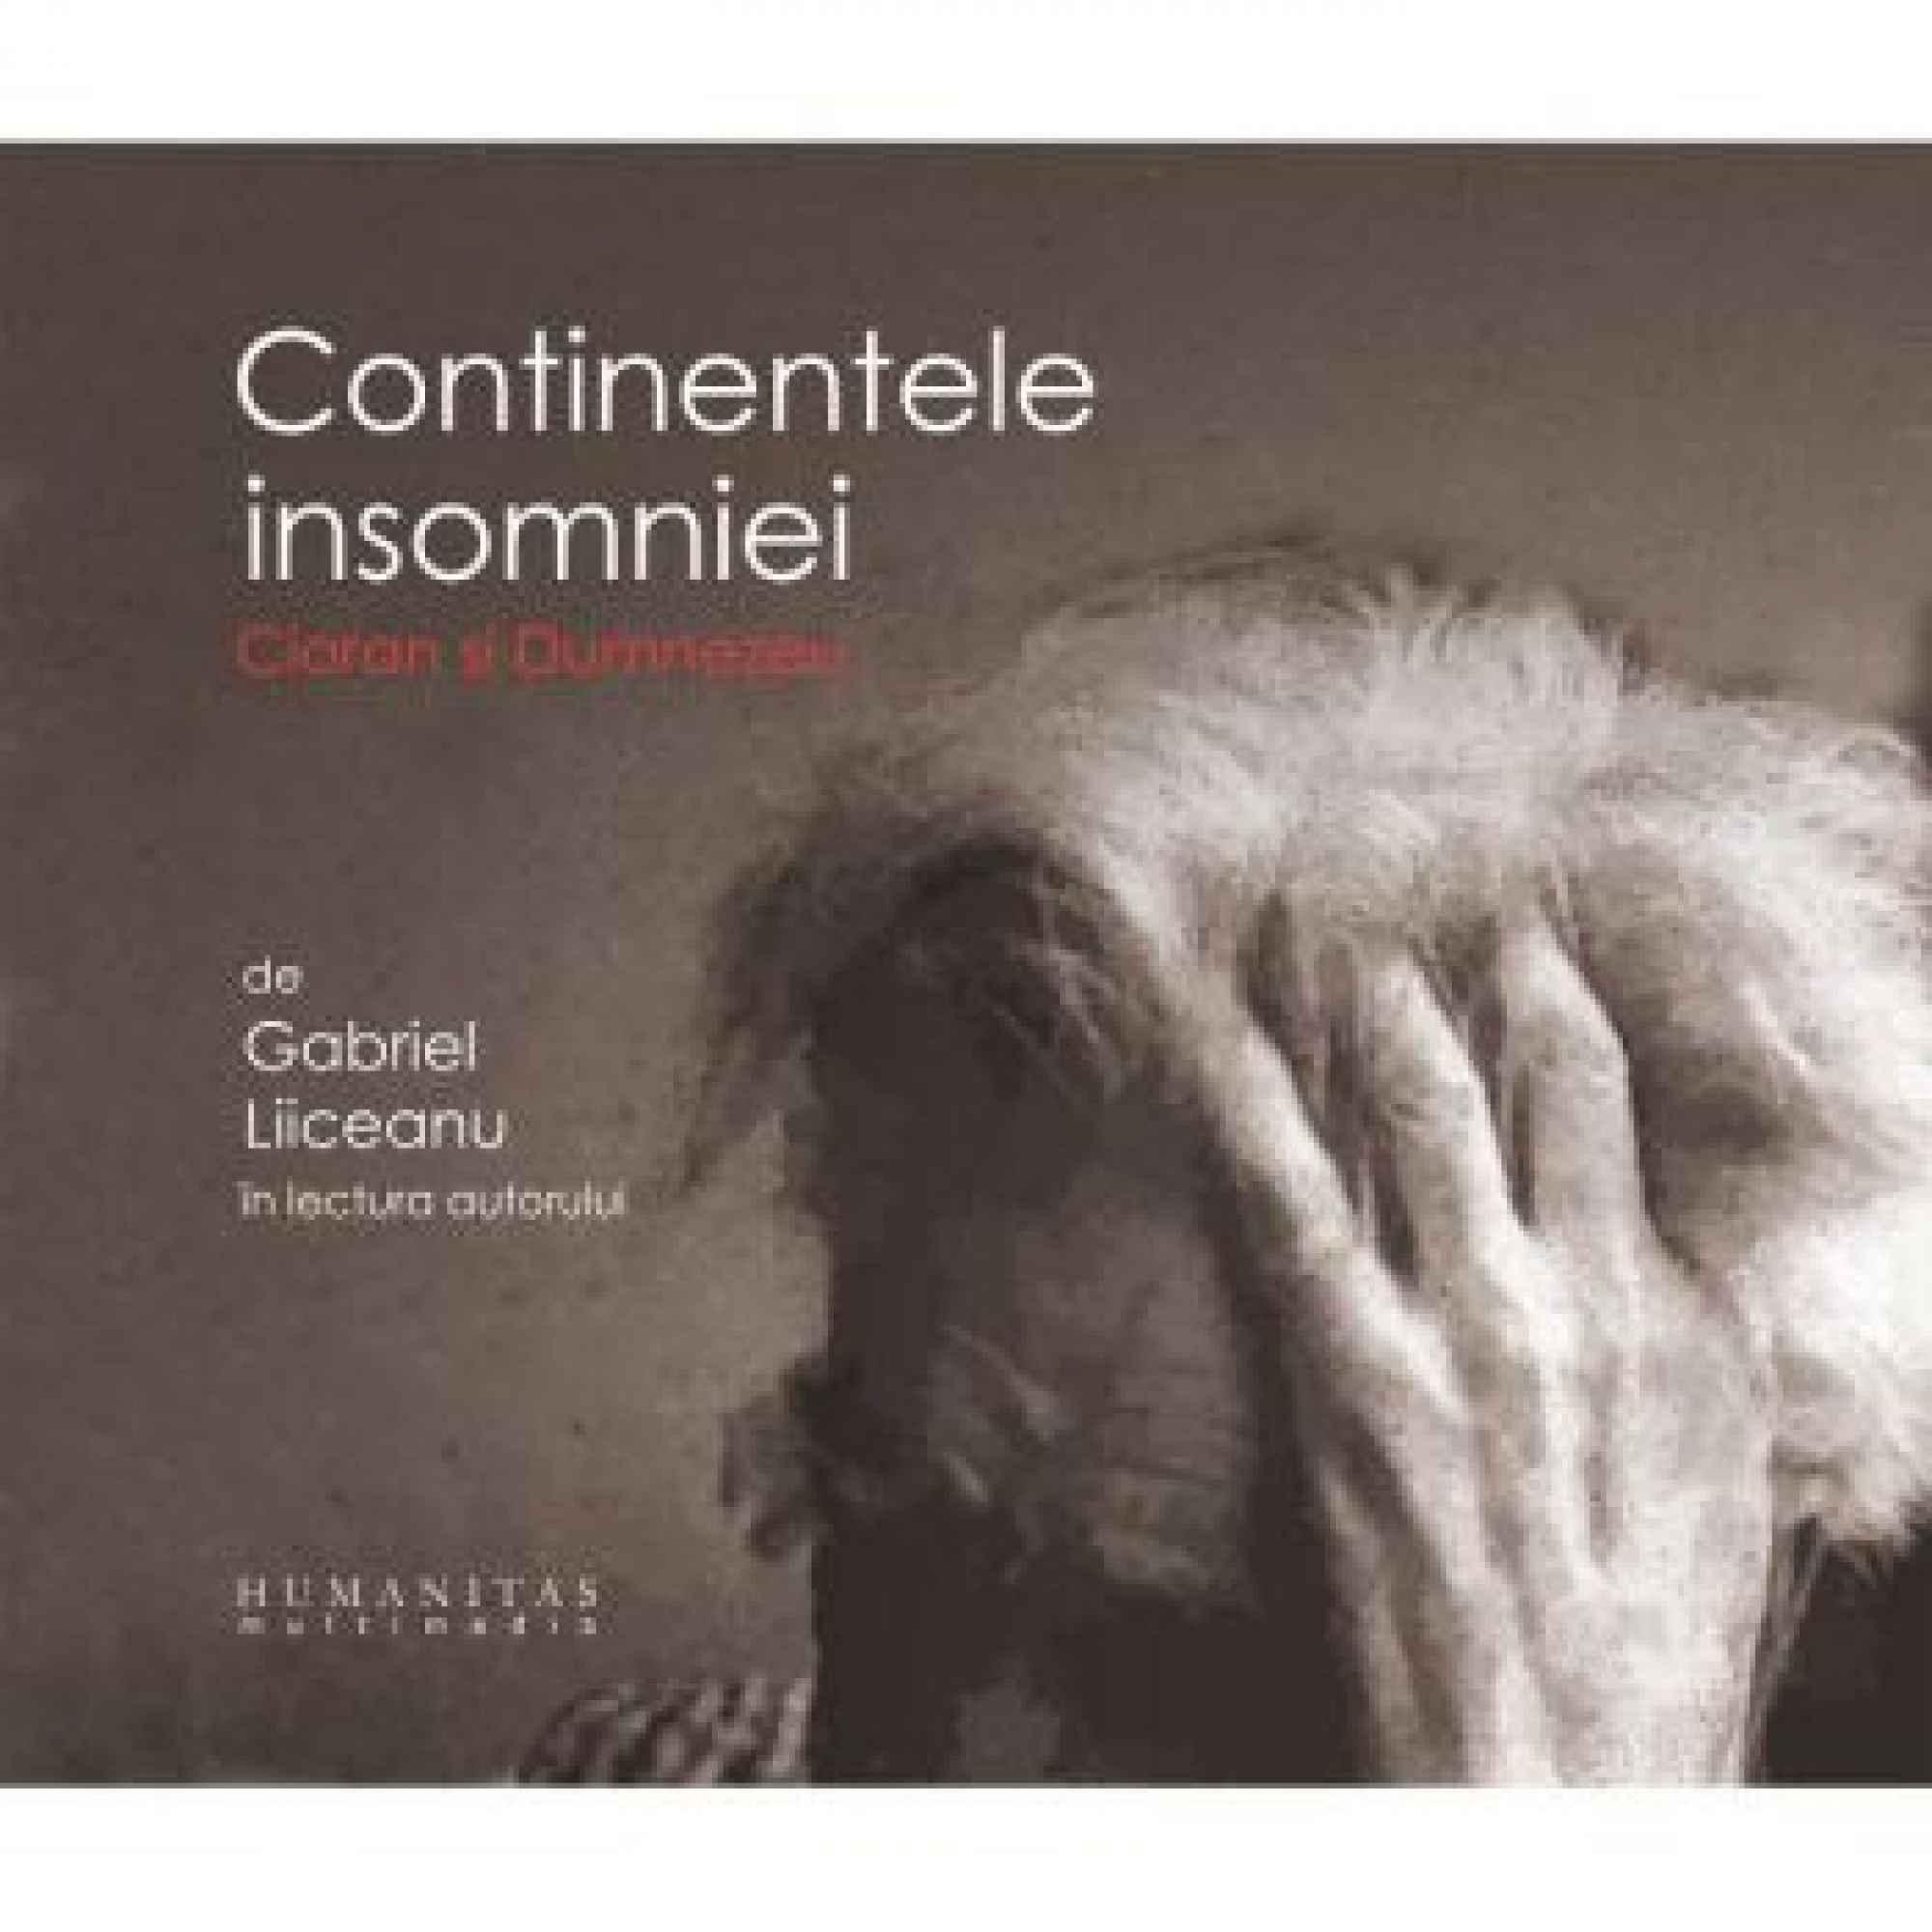 Continentele insomniei. Cioran şi Dumnezeui